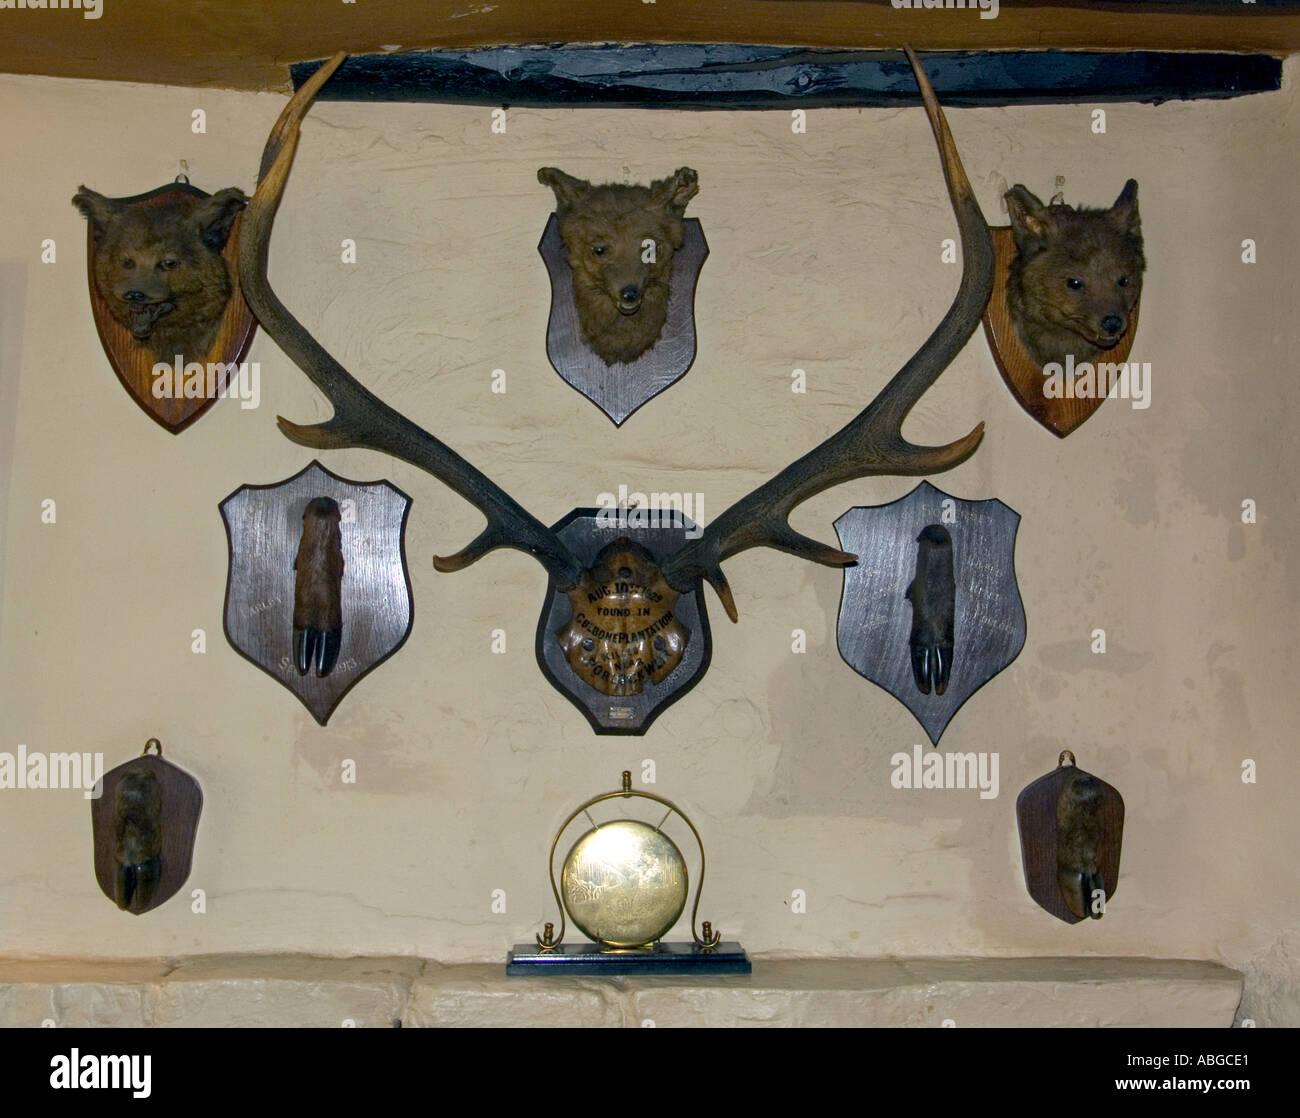 monté sur des trophées de chasse bois de cerf rouge chefs fox sabots